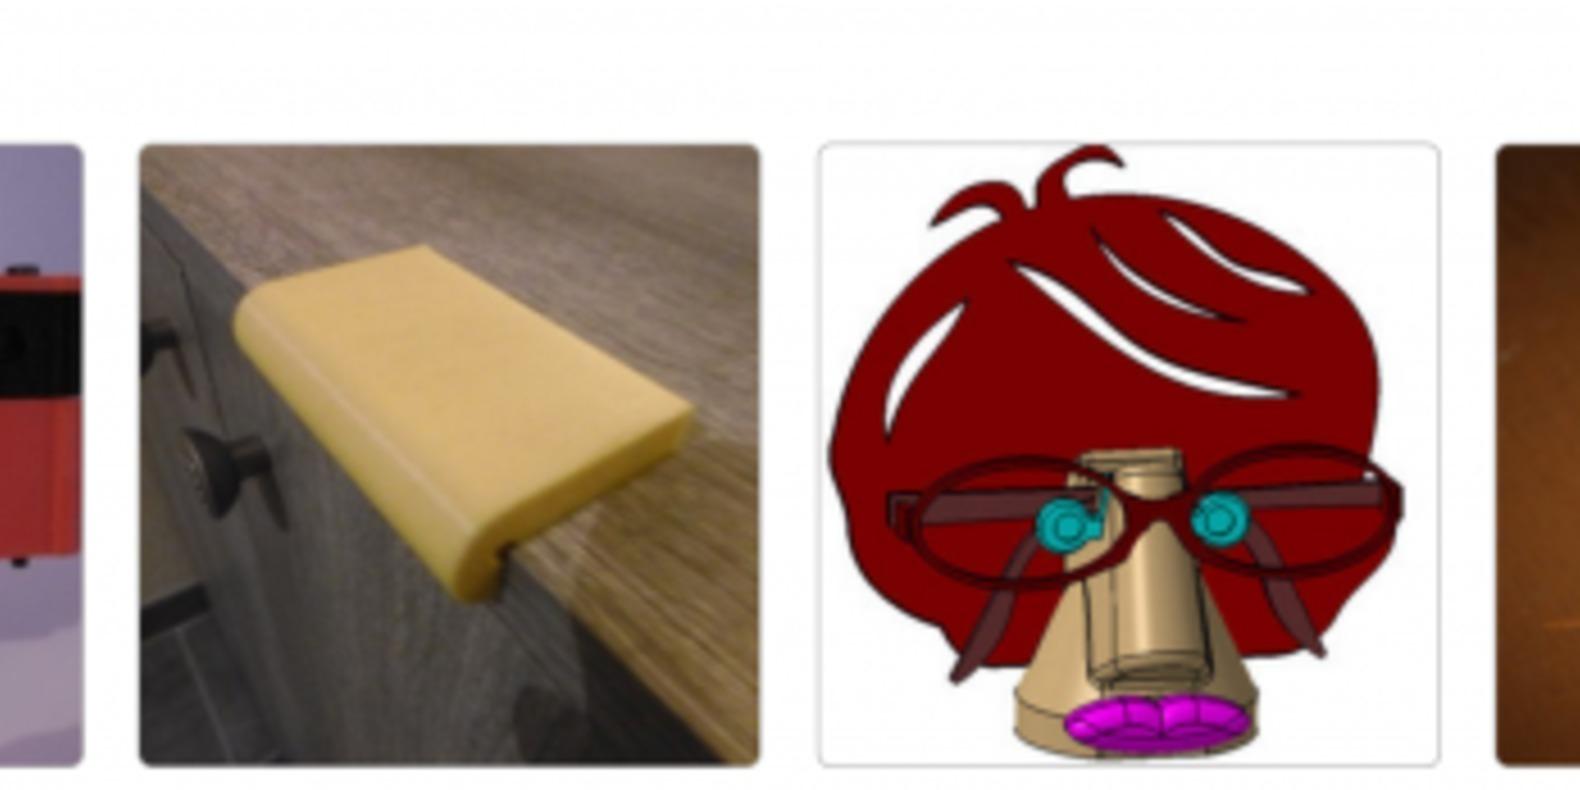 http://fichier3d.fr/wp-content/uploads/2017/01/JJB-fichier-3D-modèle-3D-impression-3D-imprimante-3D-3D-printing-3D-model-3D-file-Design-Design-3D15.png